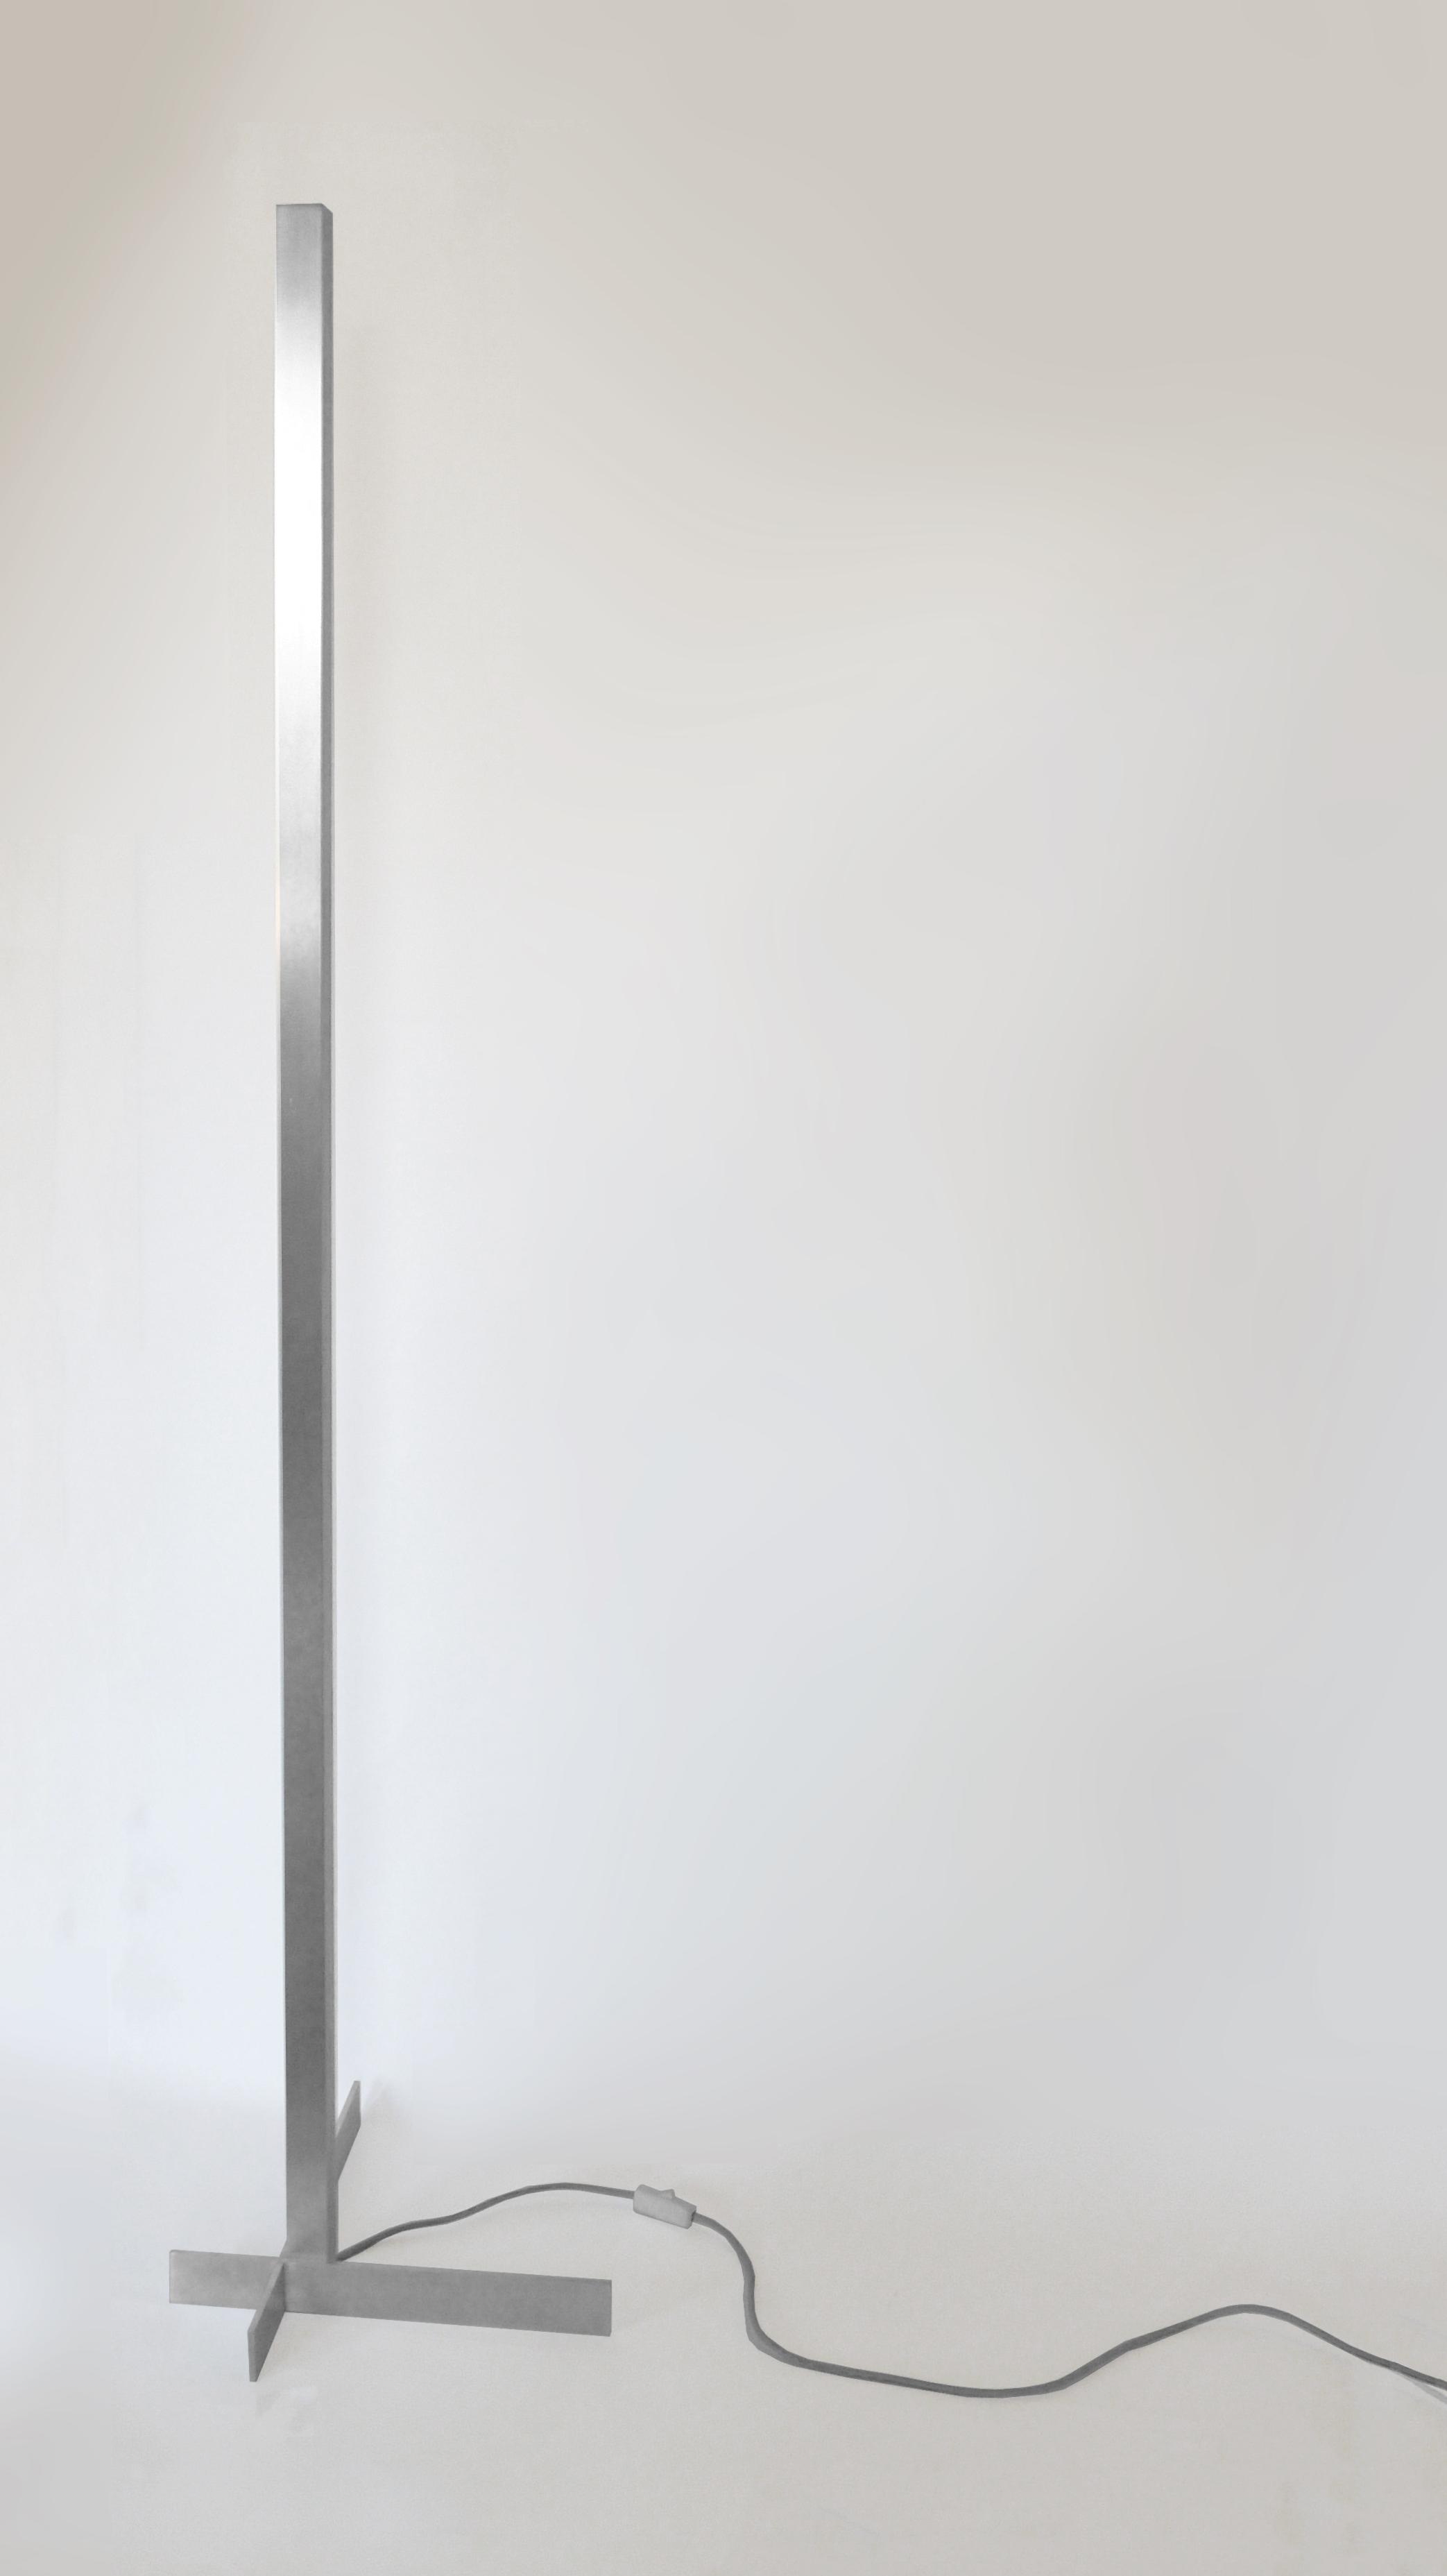 Lamp 1 - welded aluminum